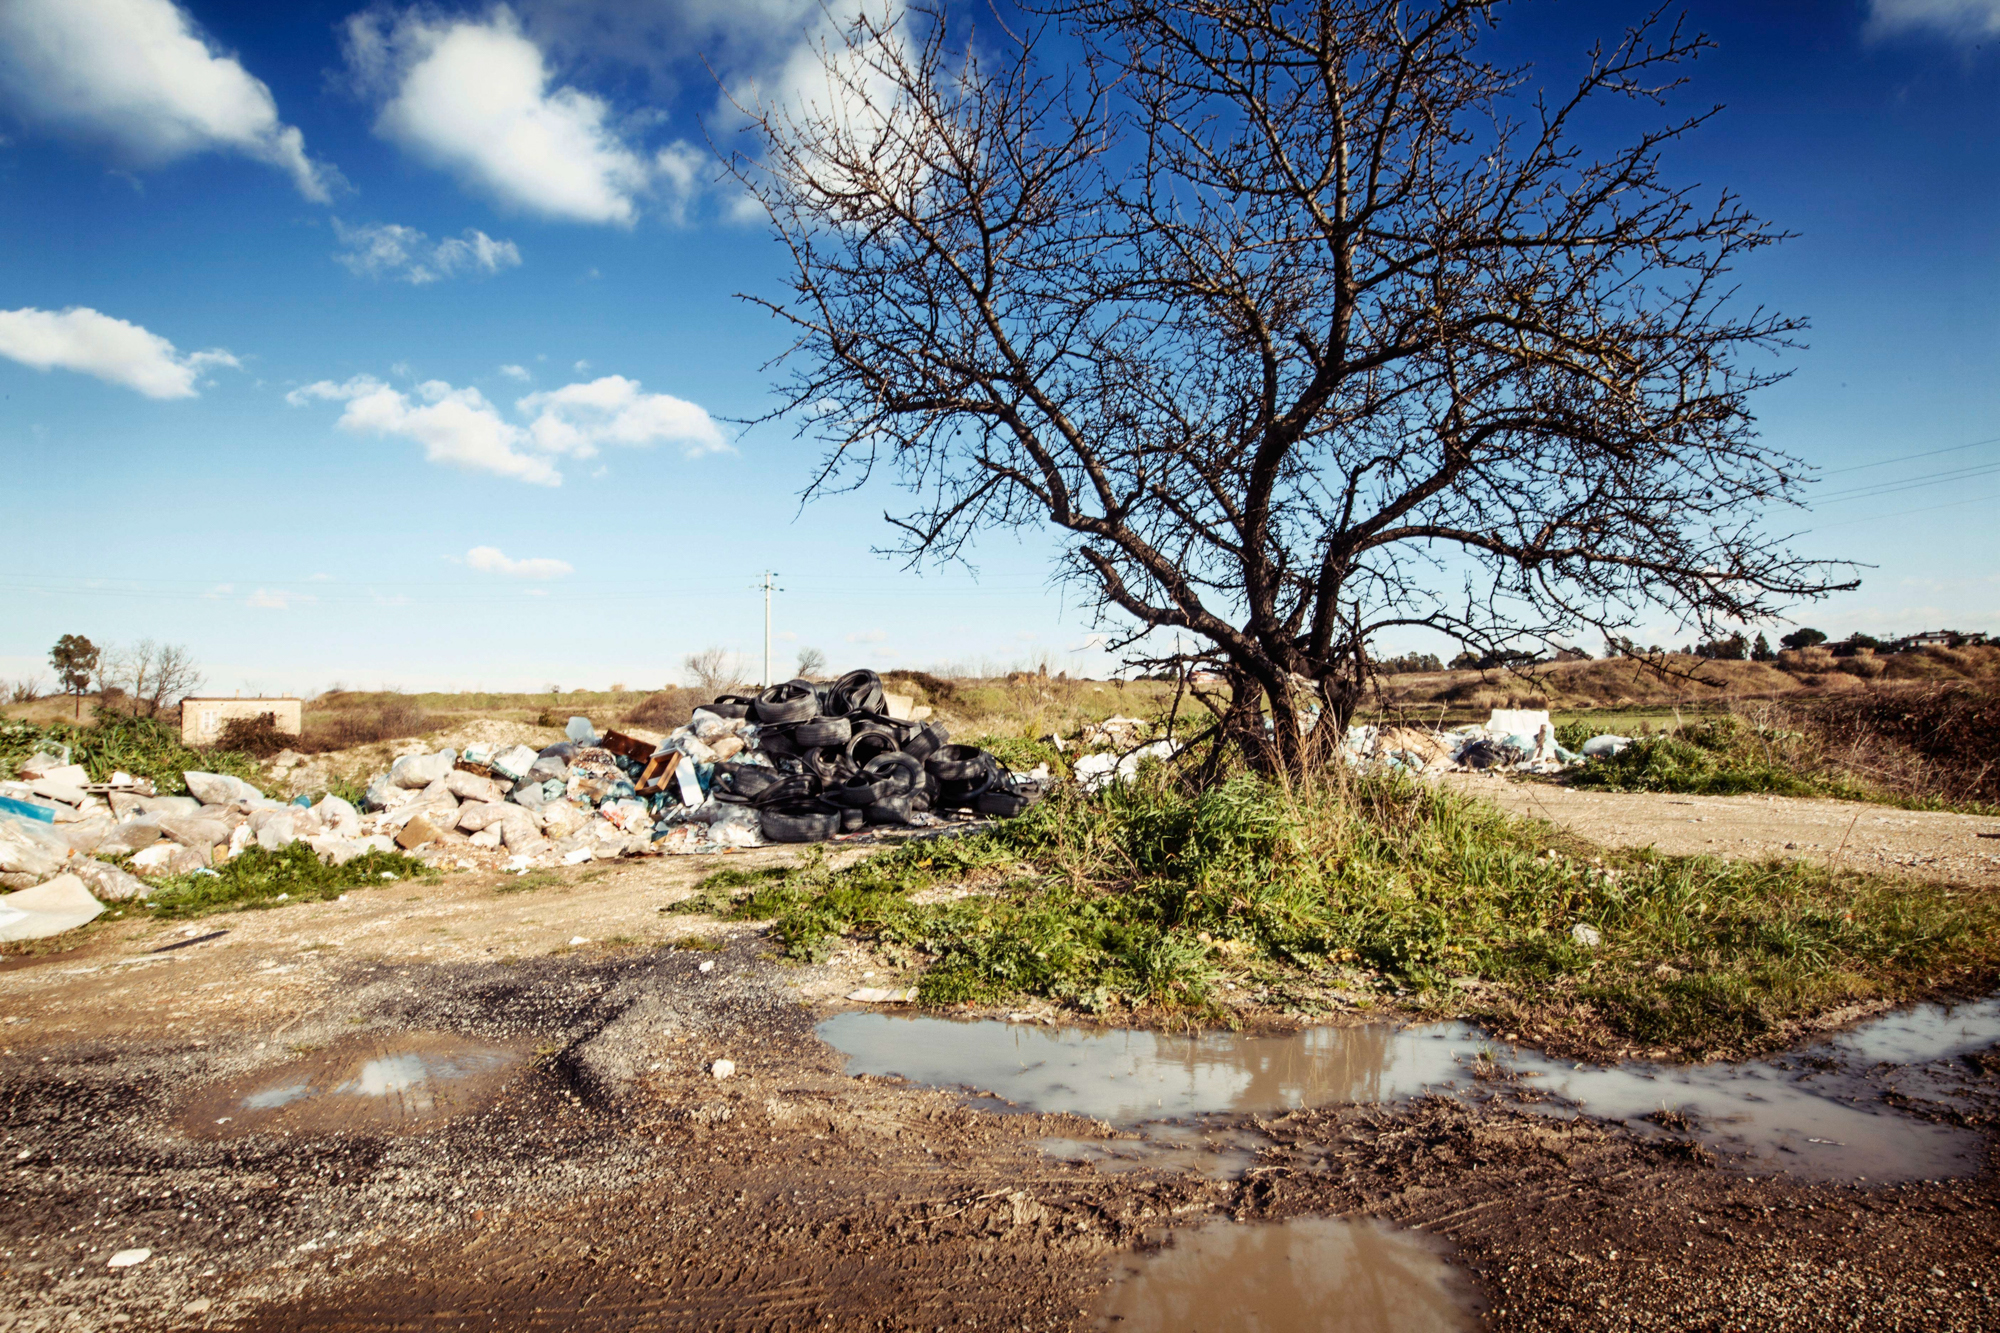 Discarica a cielo aperto nella zona di Malagrotta.